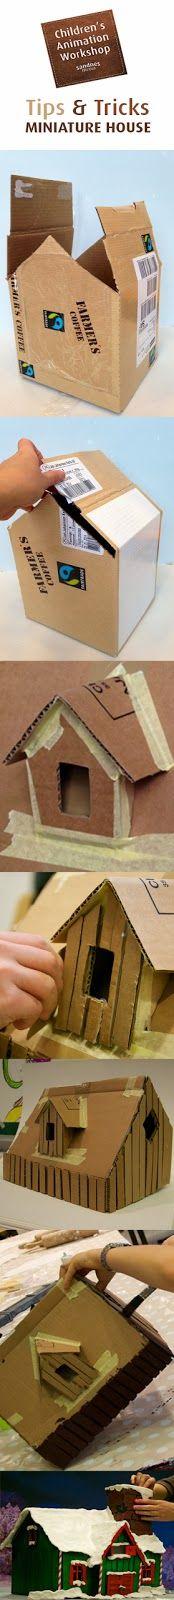 How to make a miniature house.